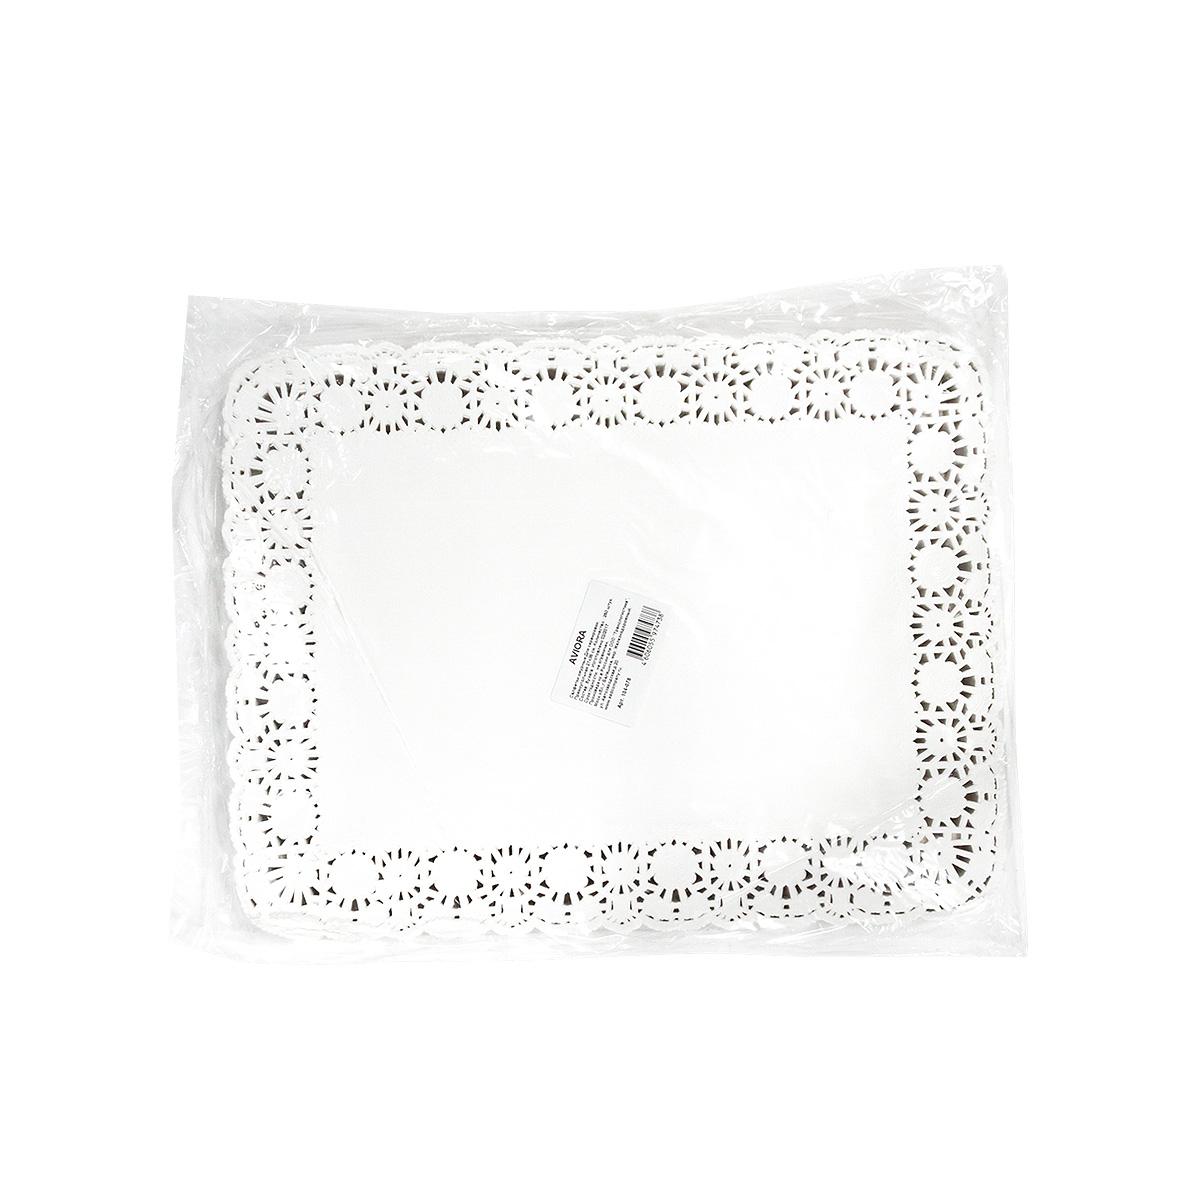 Салфетки бумажные Aviora, ажурные, 27 х 35 см, 250 шт104-076 Произведены в России безопасные при контакте с пищей изысканный узор по контуру салфетокПредназначены для сервировки стола.Используются для красивой подачи тортов и пирожных. Оригинально смотрятся столовые приборы. Небольшие диаметры используются для подачи чая / кофе.